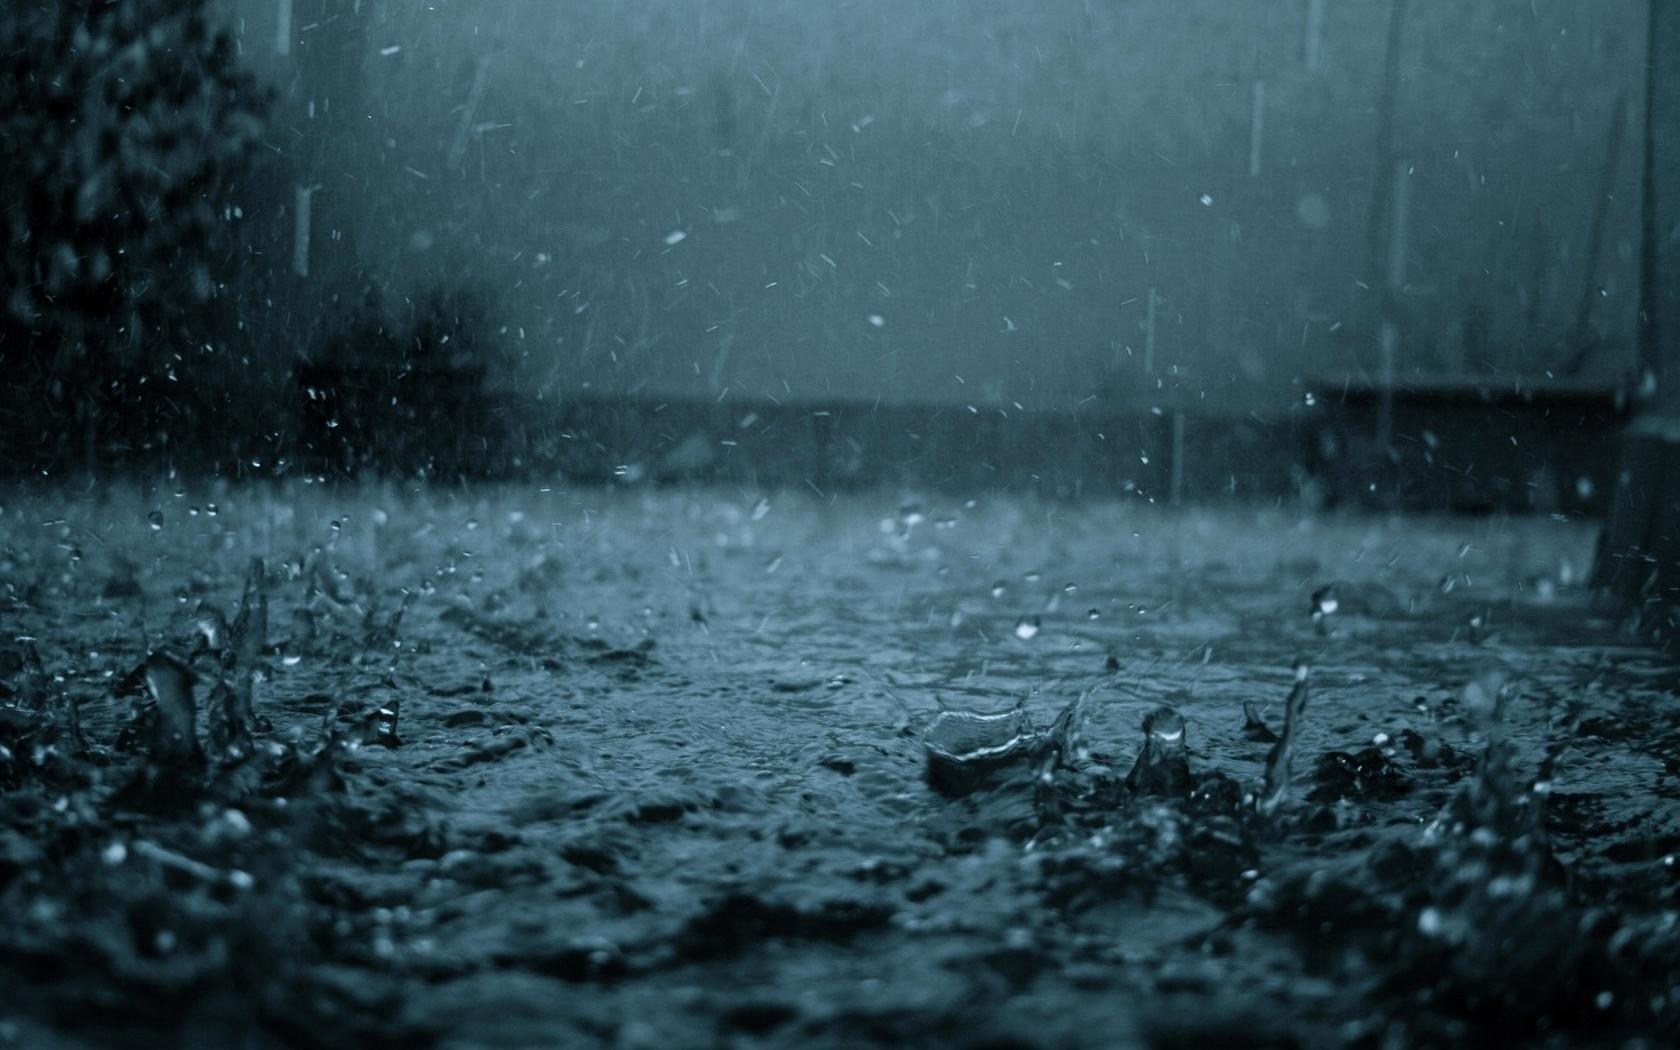 Неменее 20 заявок оскоплениях воды из-за дождя поступило вМосводосток